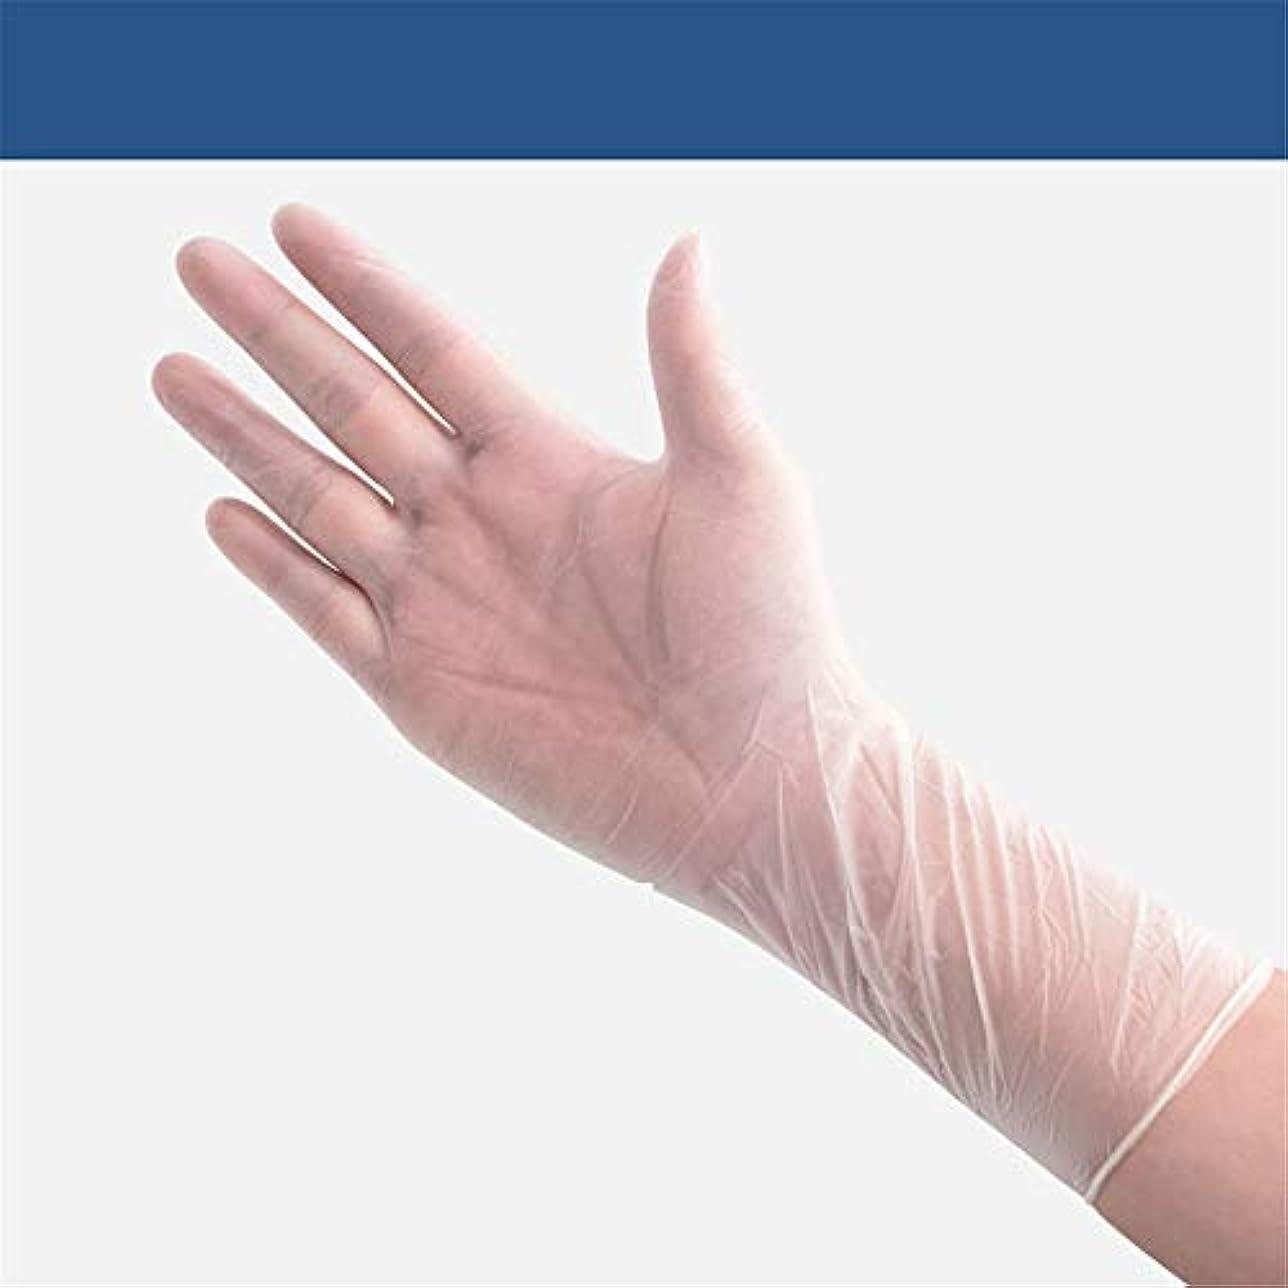 ばかつまずく甥BTXXYJP キッチン用手袋 手袋 作業 食器洗い 炊事 掃除 園芸 洗車 防水 手袋 (100 Packs) (Color : Pvc 100pcs, Size : M)